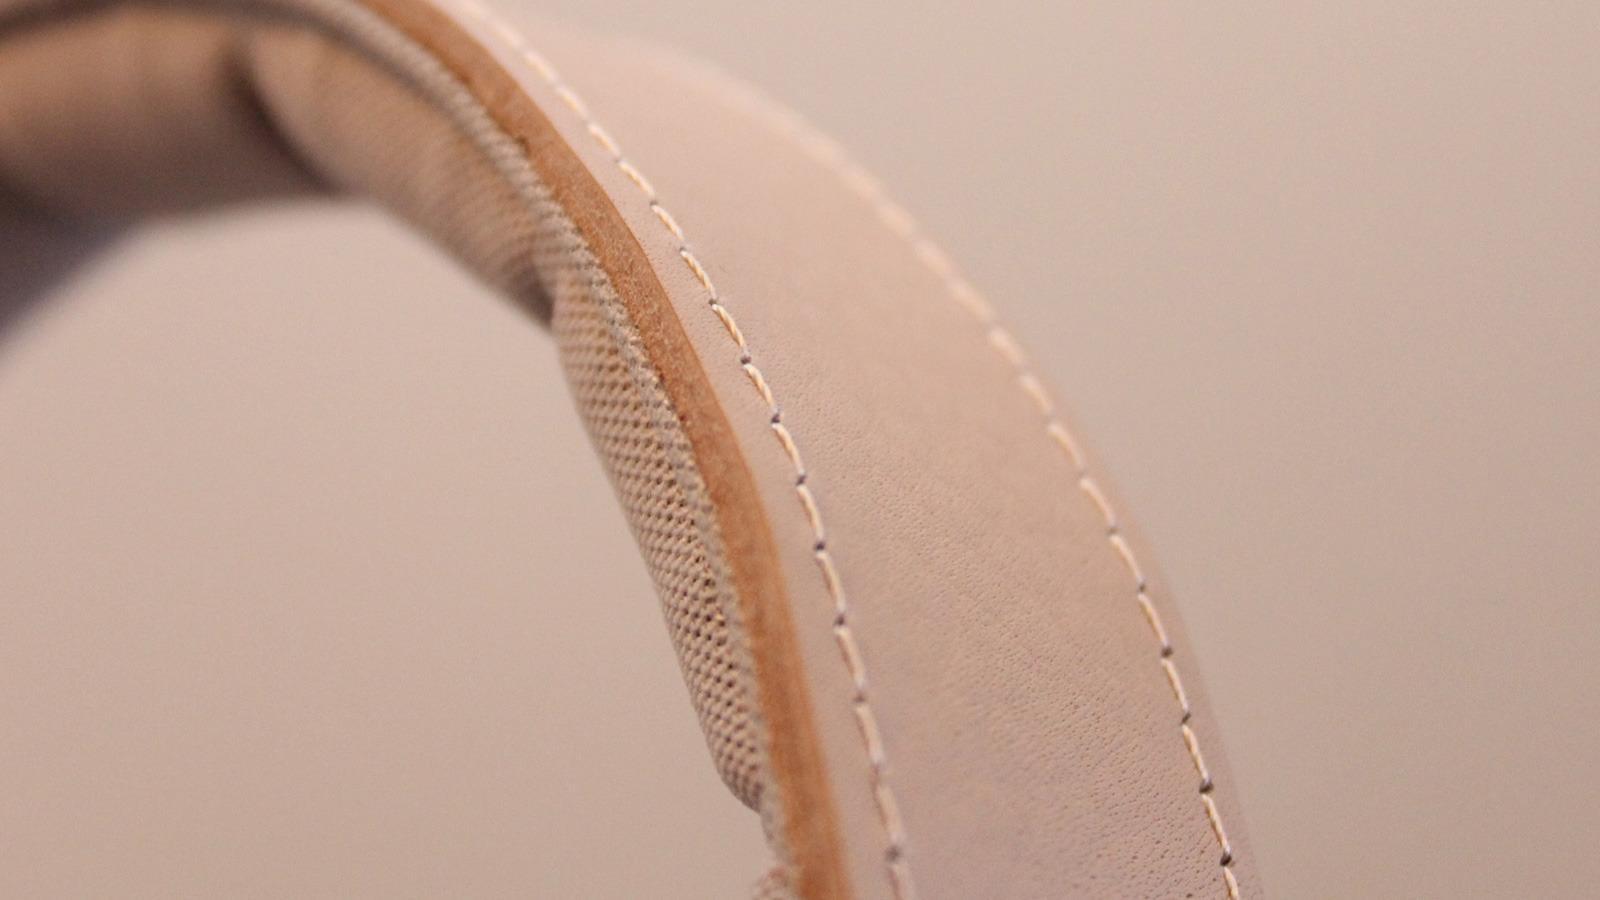 Bøylen er enkel men både pen og funksjonell. Når du har tafset nok på kuskinnet får hodetelefonene patina. Foto: Espen Irwing Swang, Tek.no